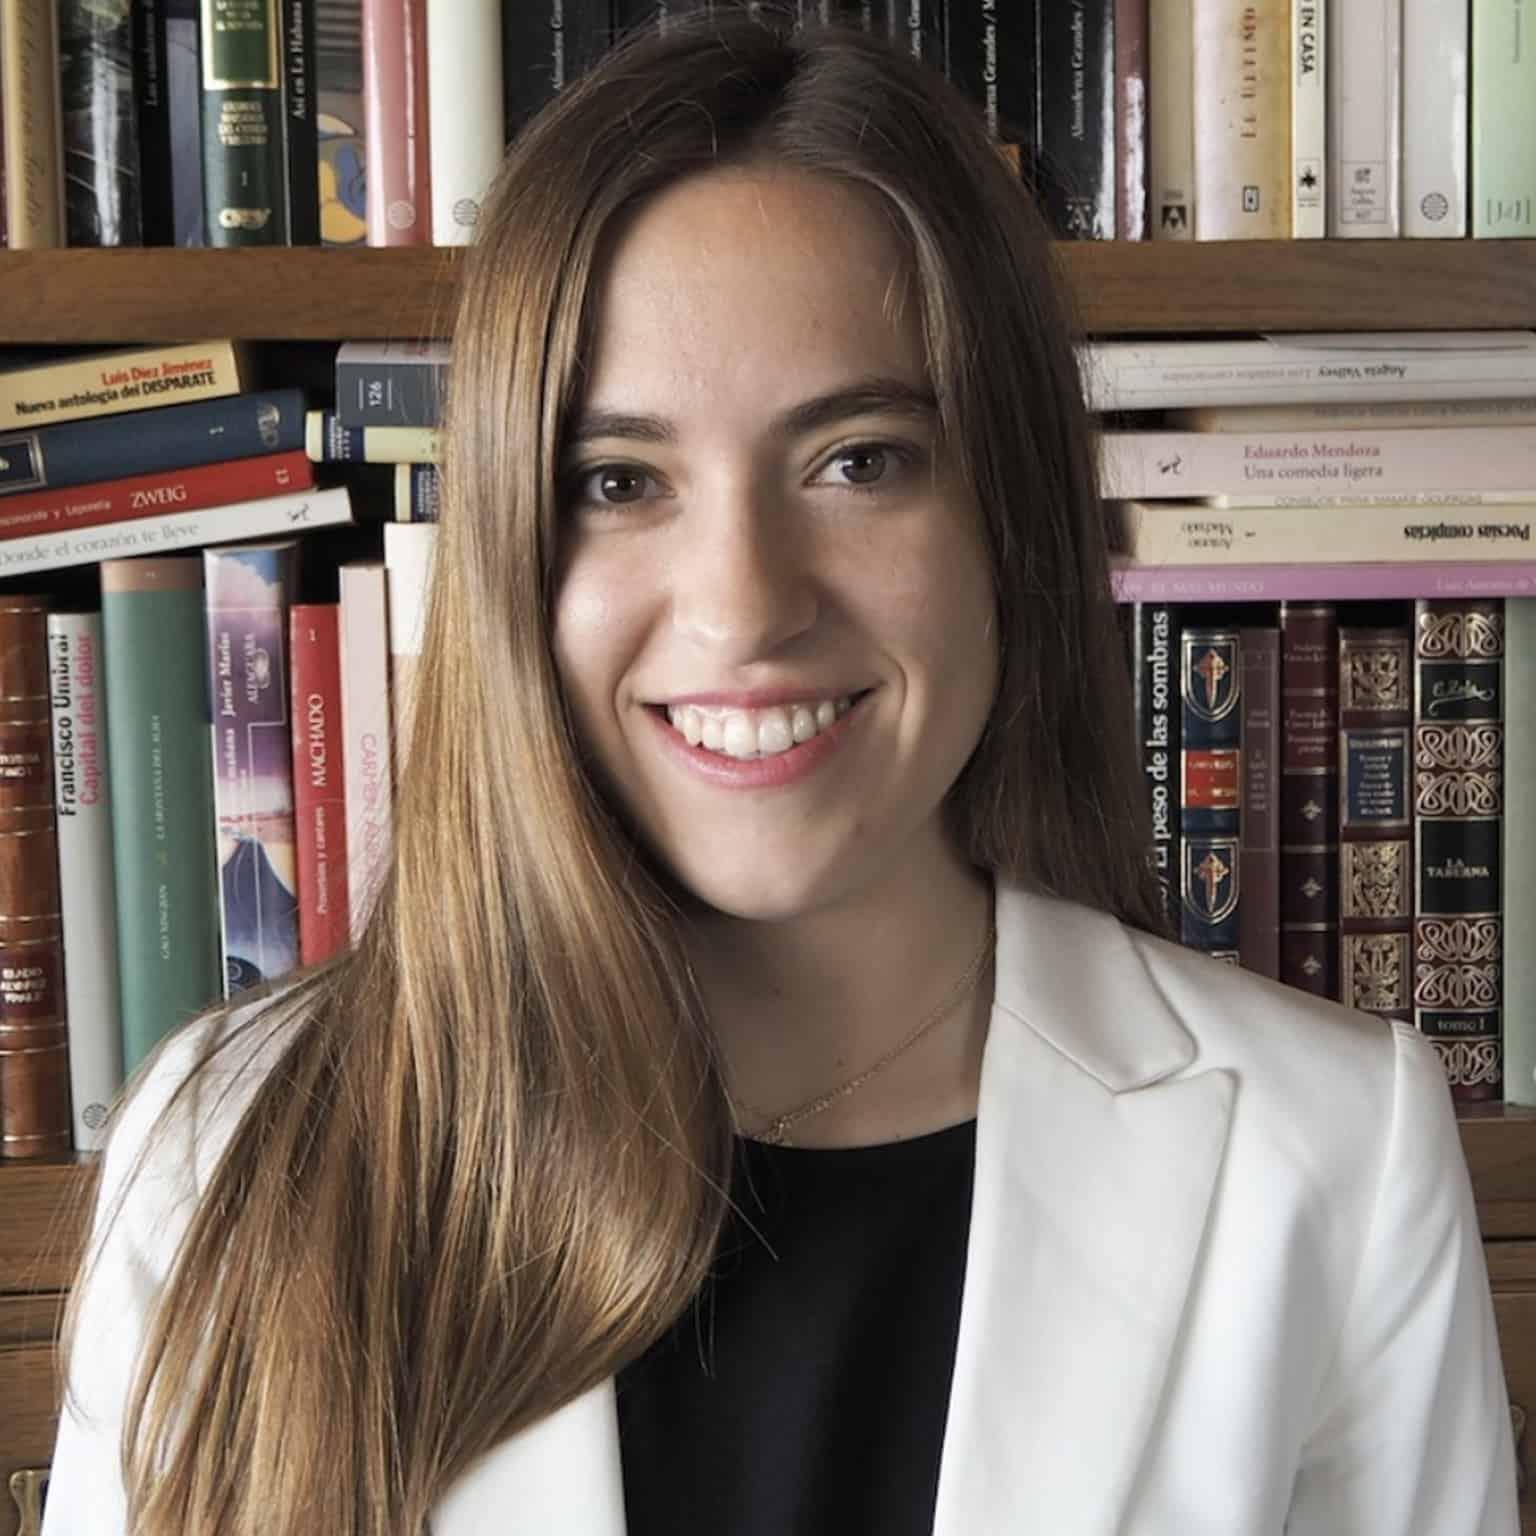 Laura- Proyectos con impacto social y ambiental